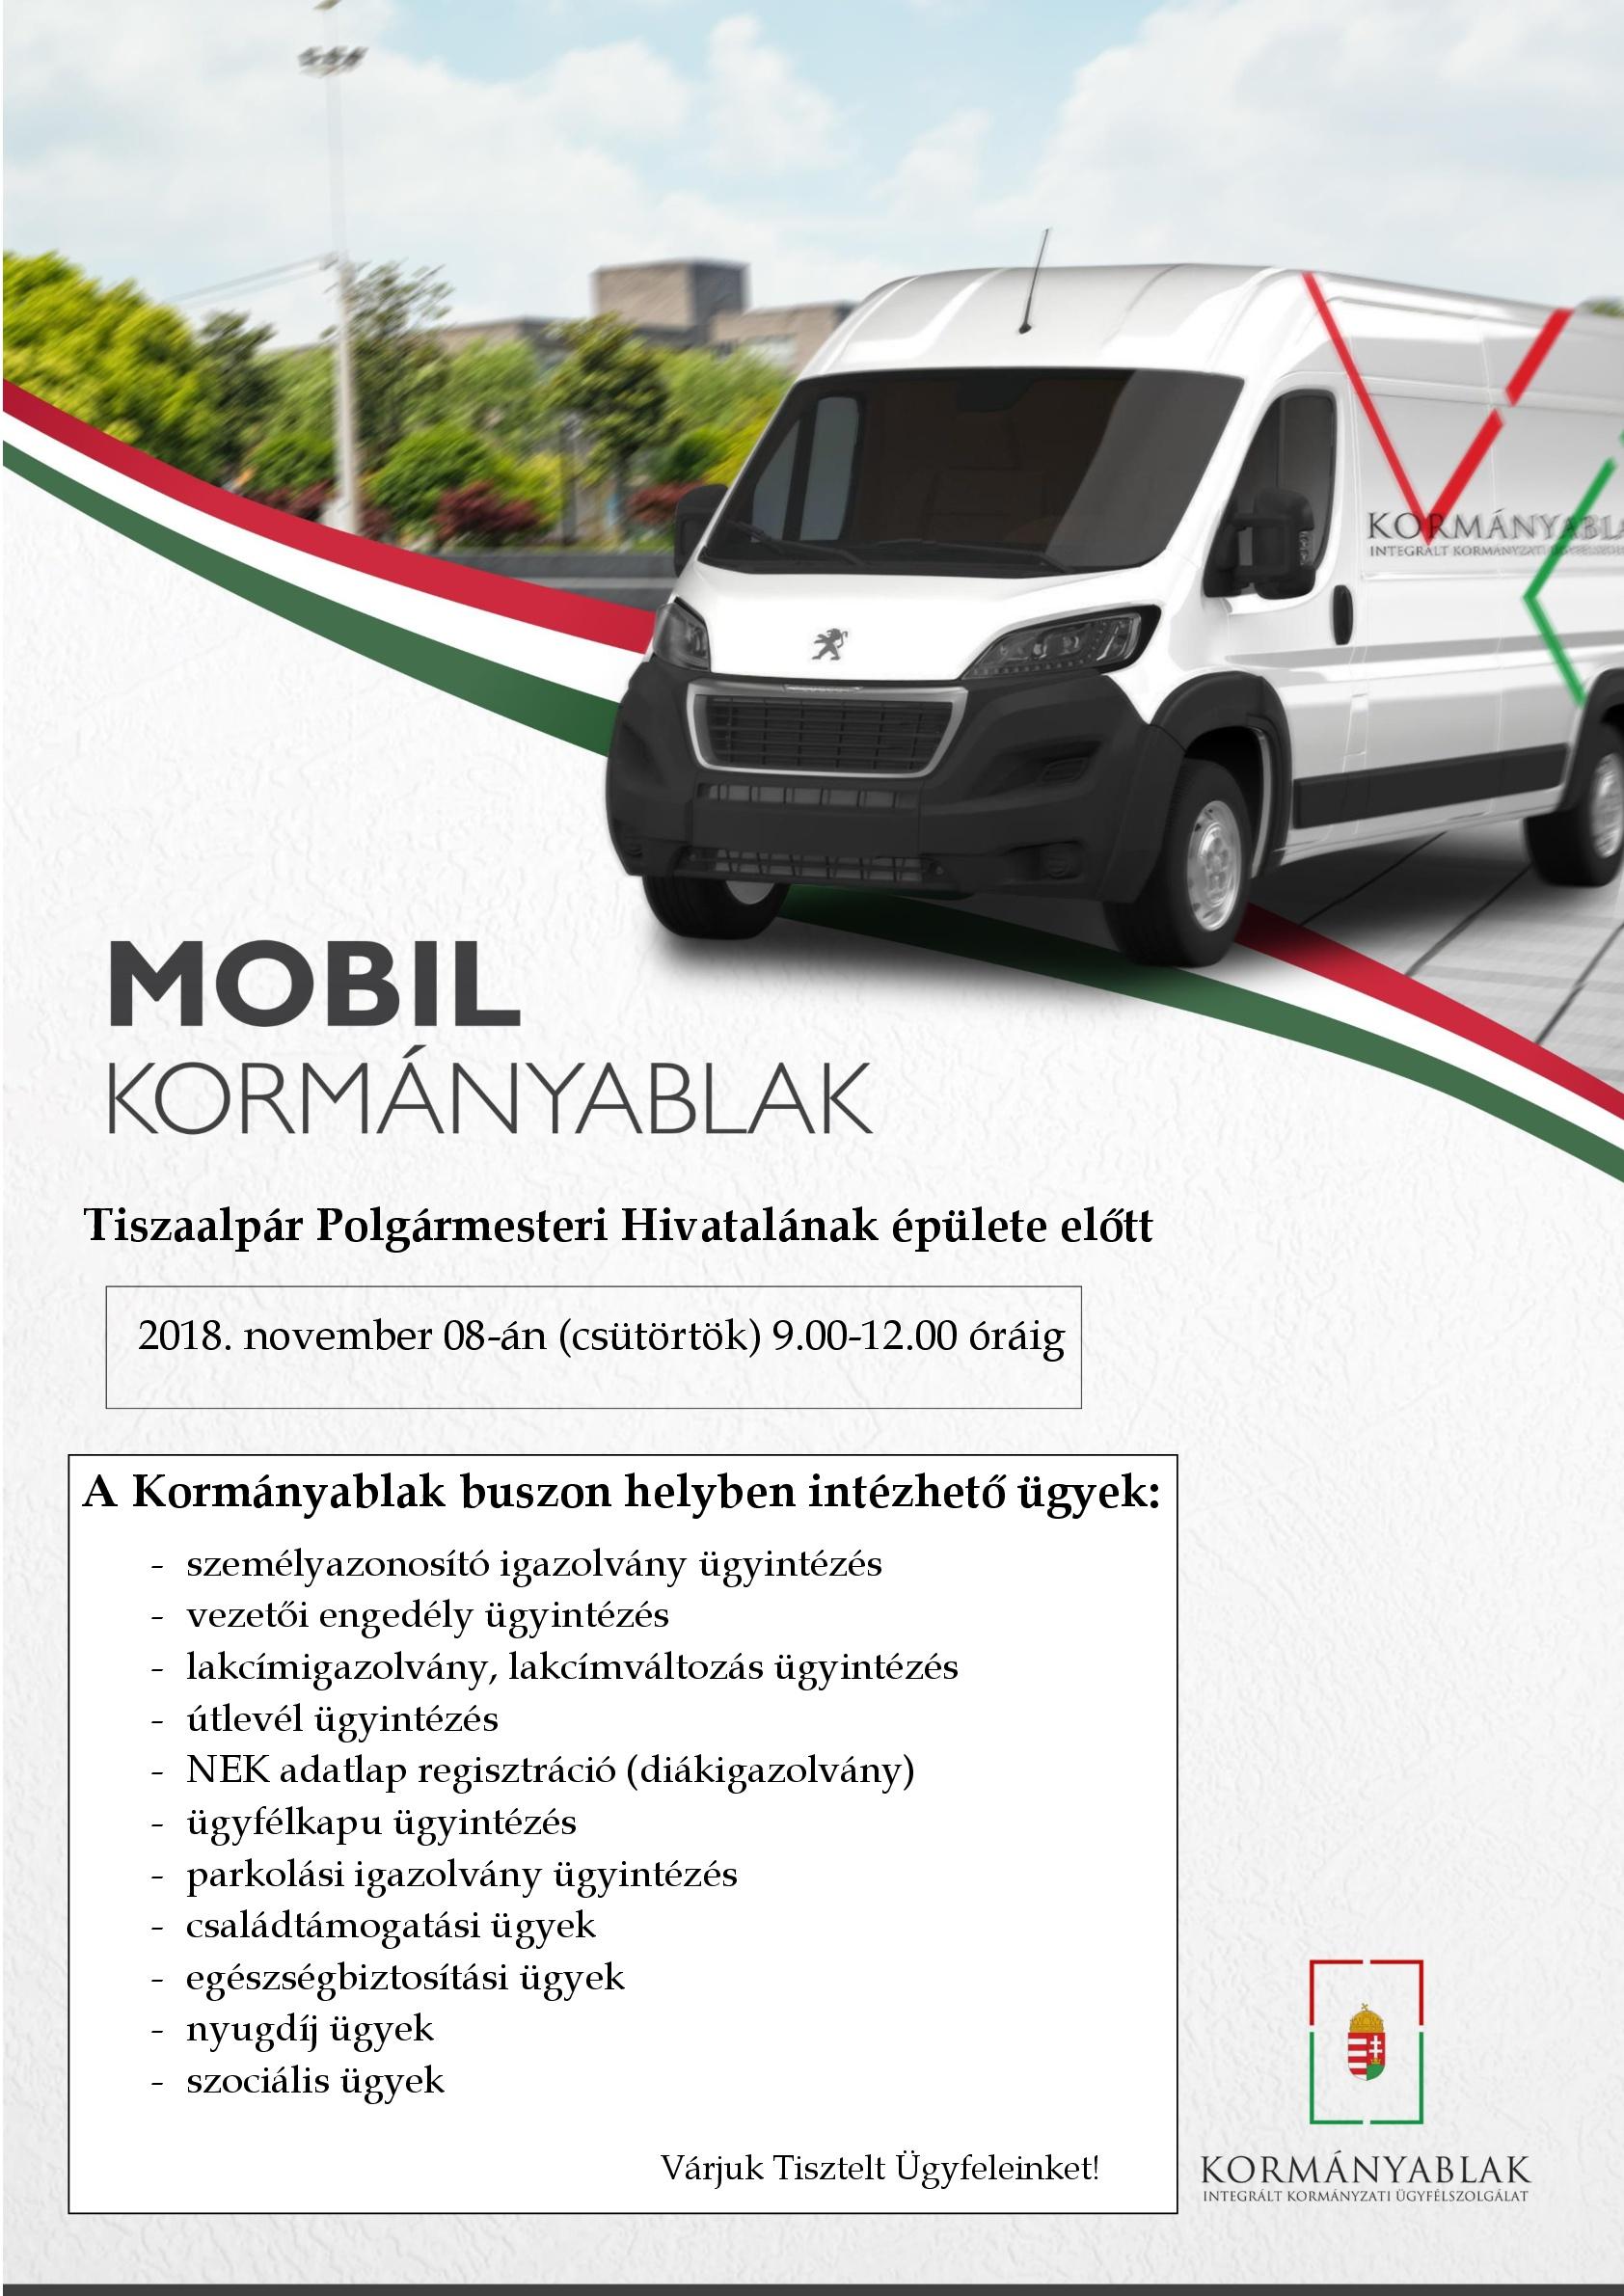 Kormányablak busz plakát Tiszaalpár-001